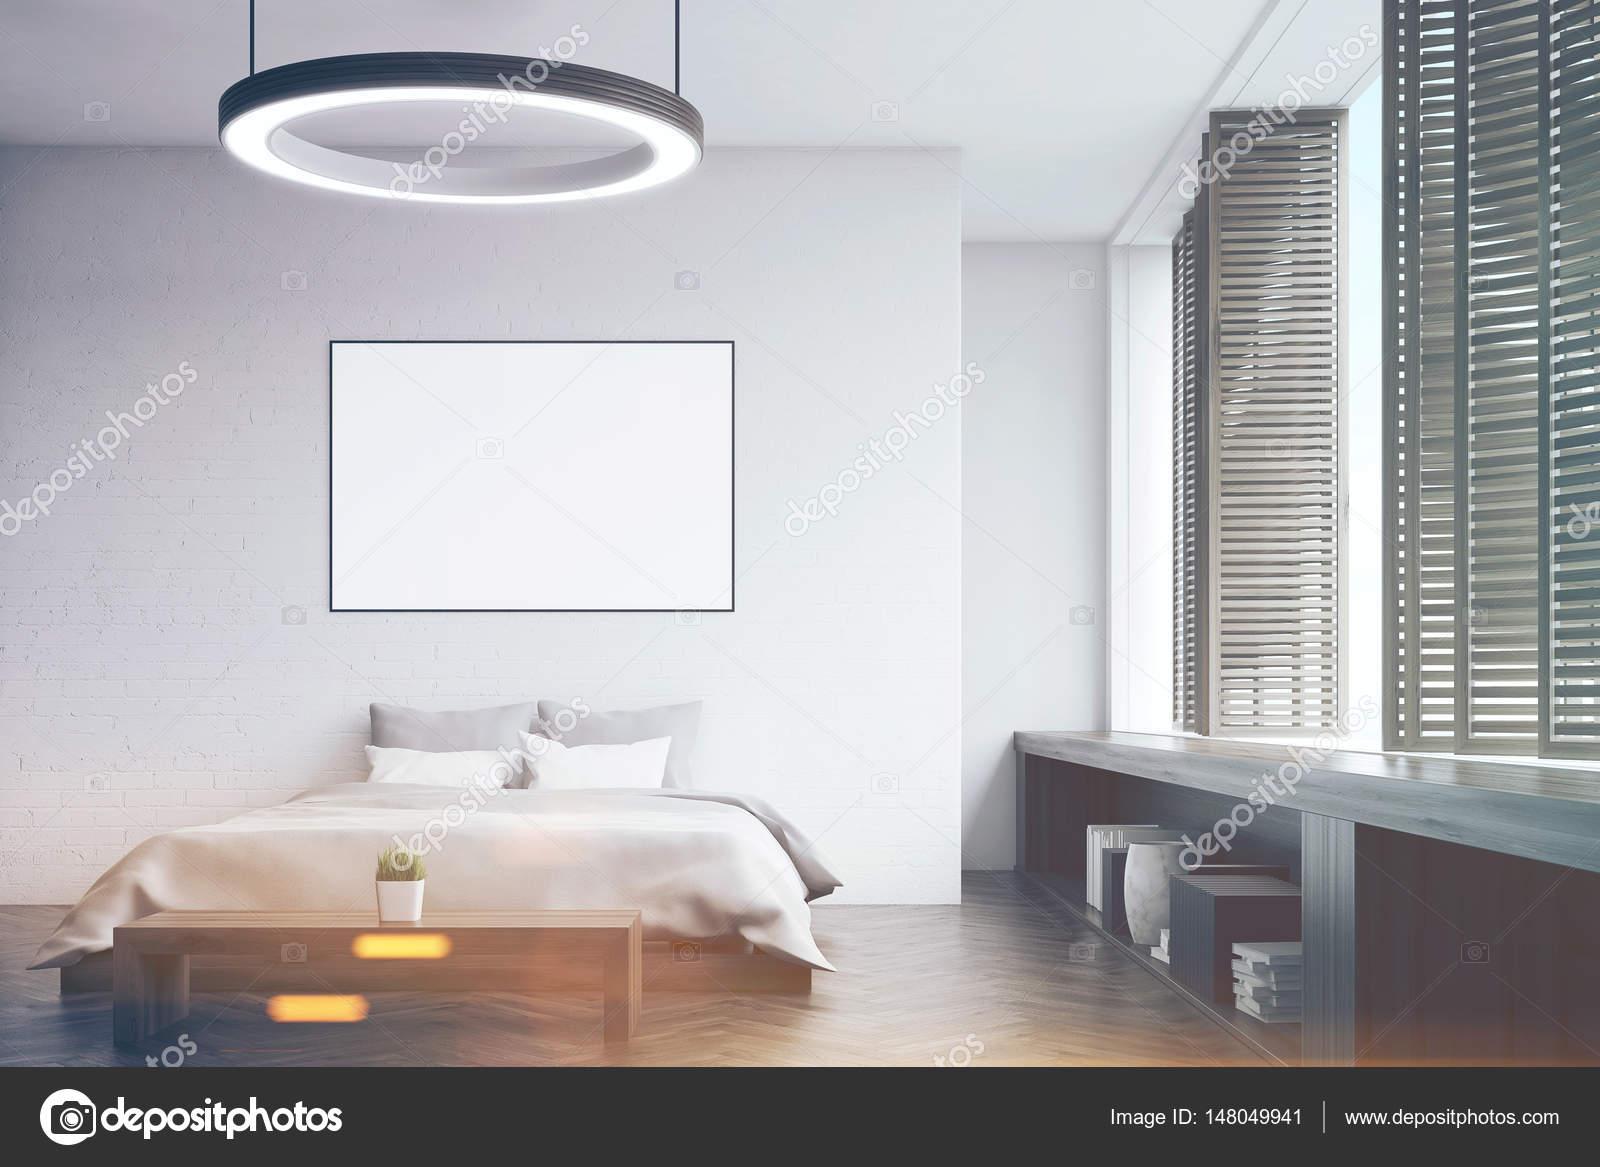 Slaapkamer met een bankje, voorste toned — Stockfoto ...